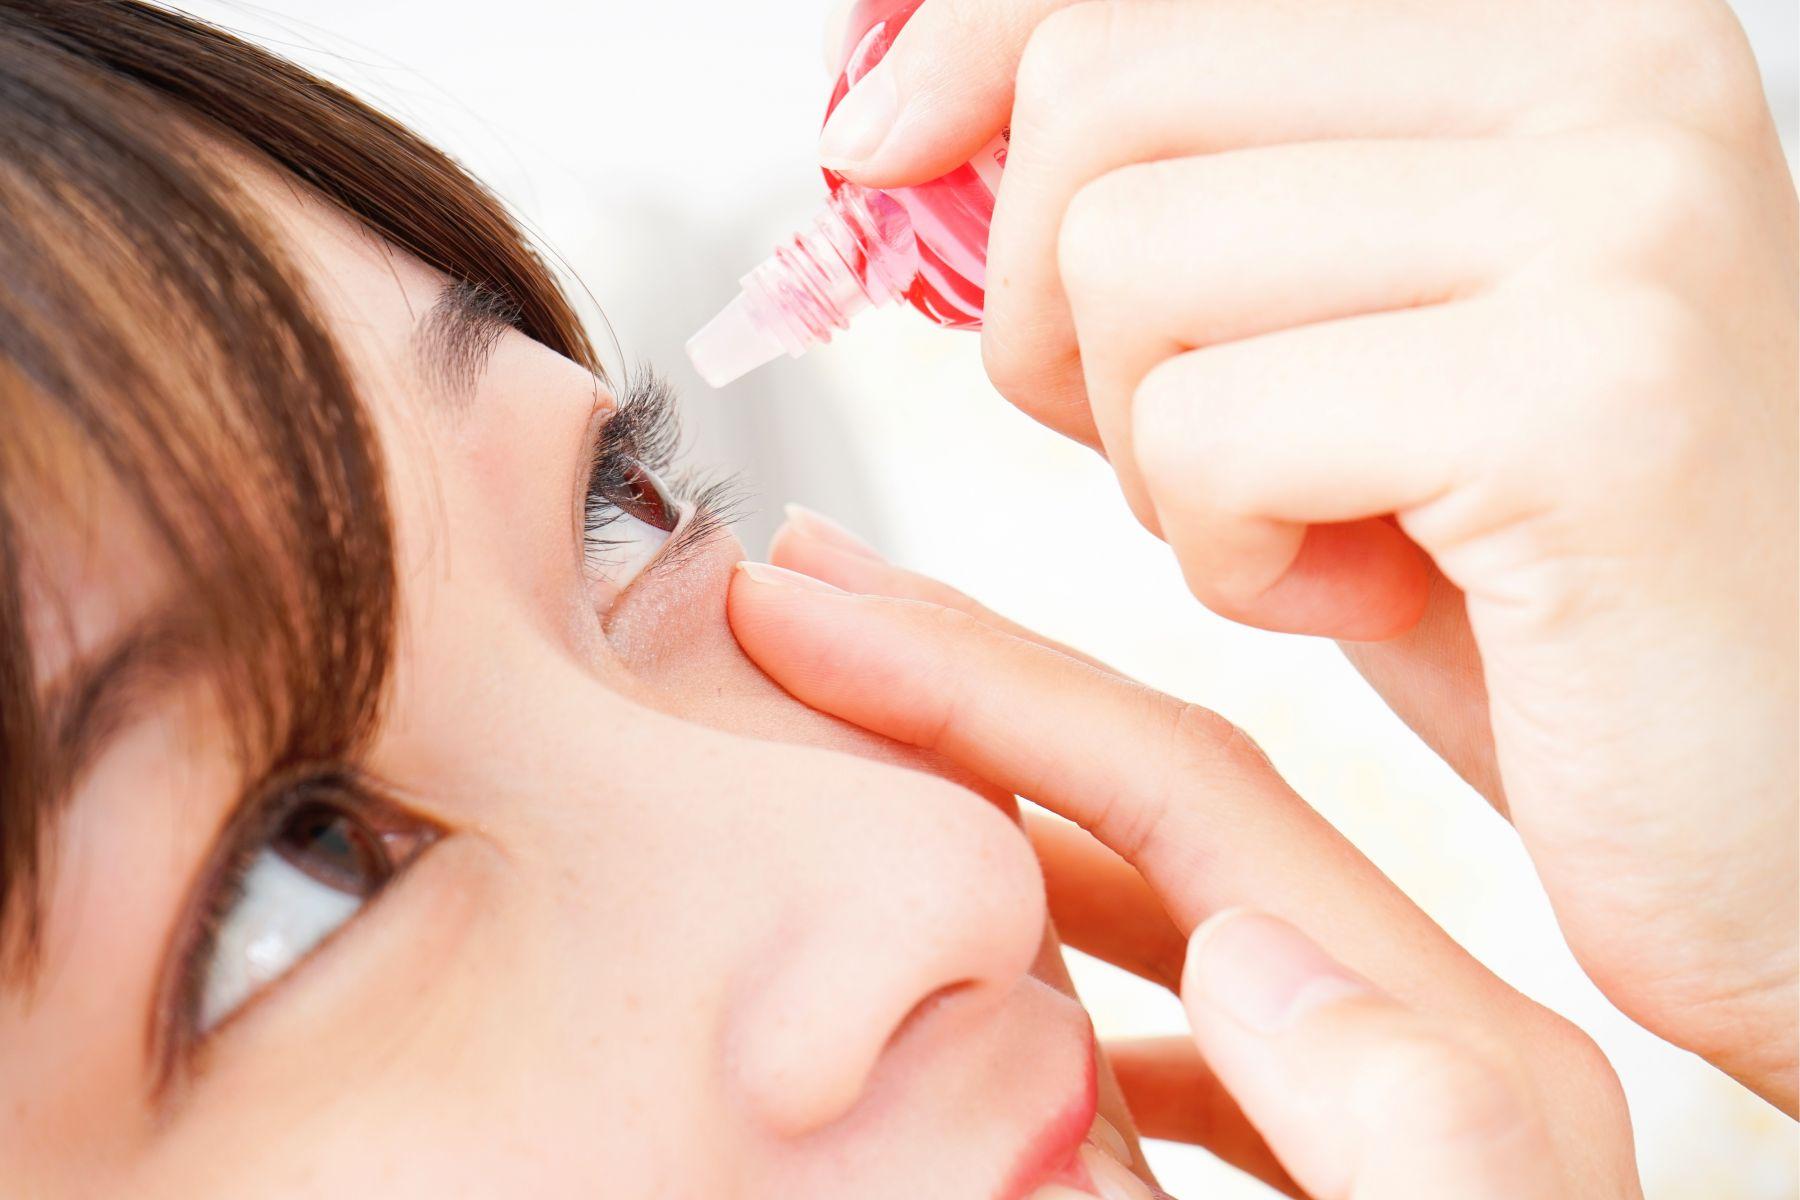 點個眼藥水罹青光眼?3大護眼惡習恐致失明,別拿眼睛開玩笑